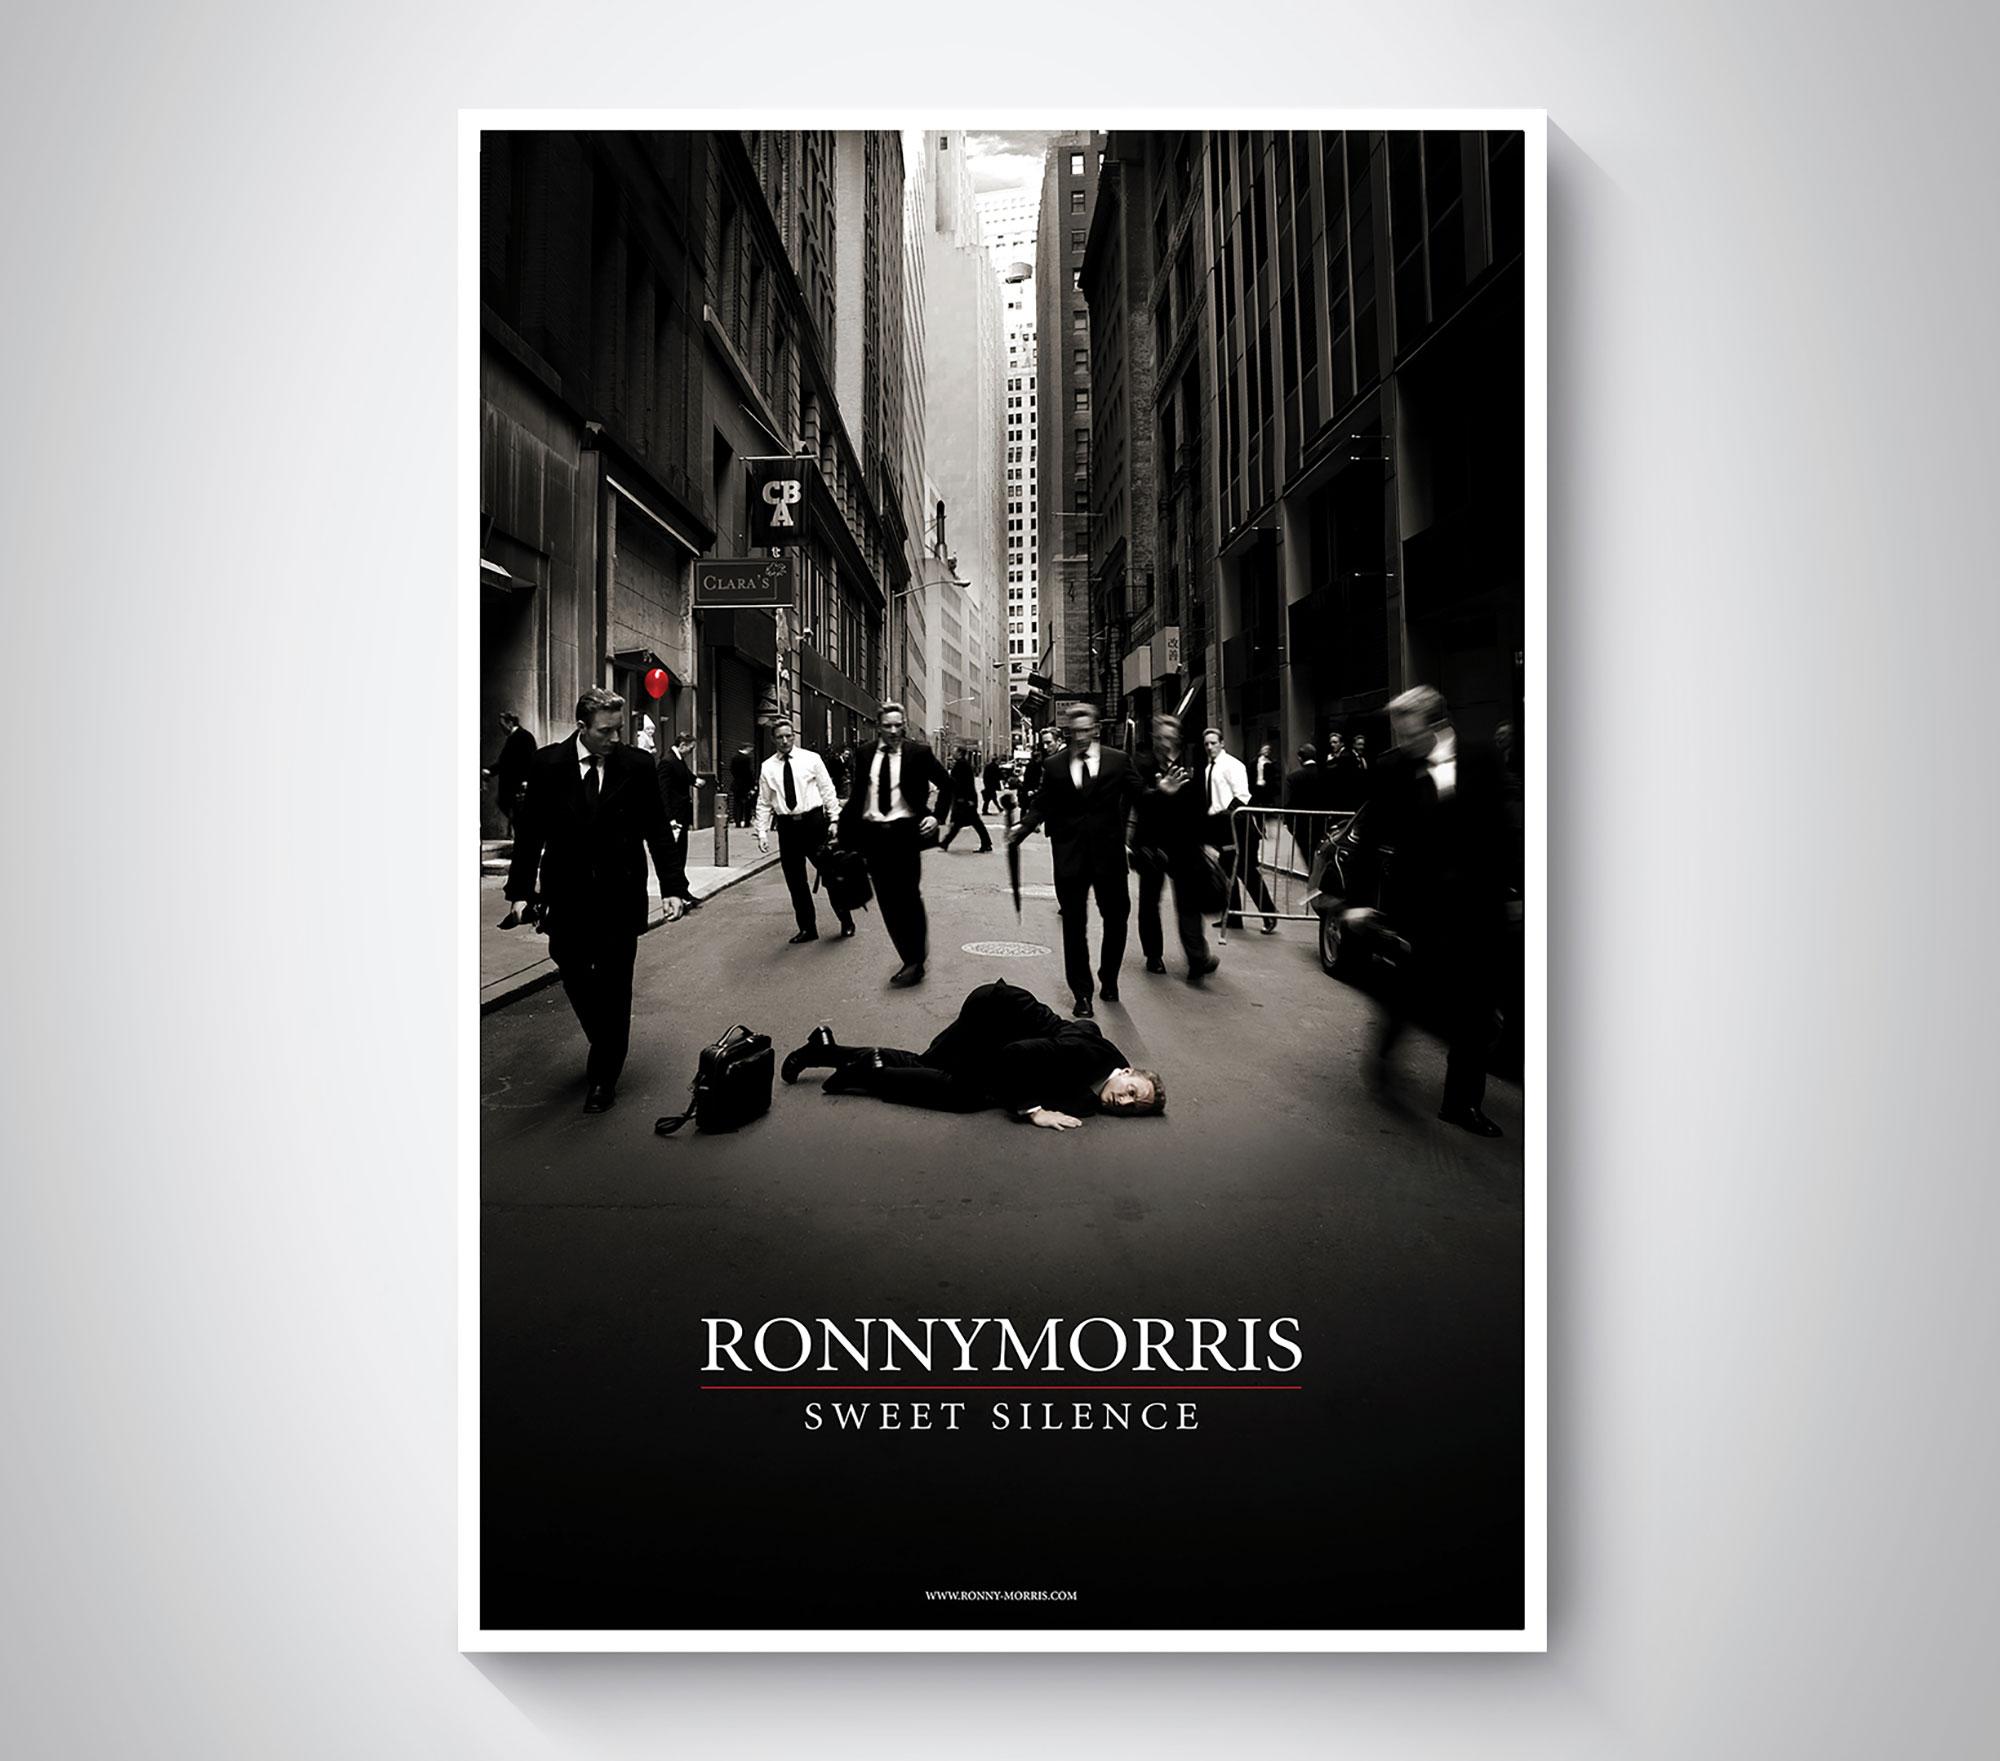 Film Movie Poster Design London Dublin 02